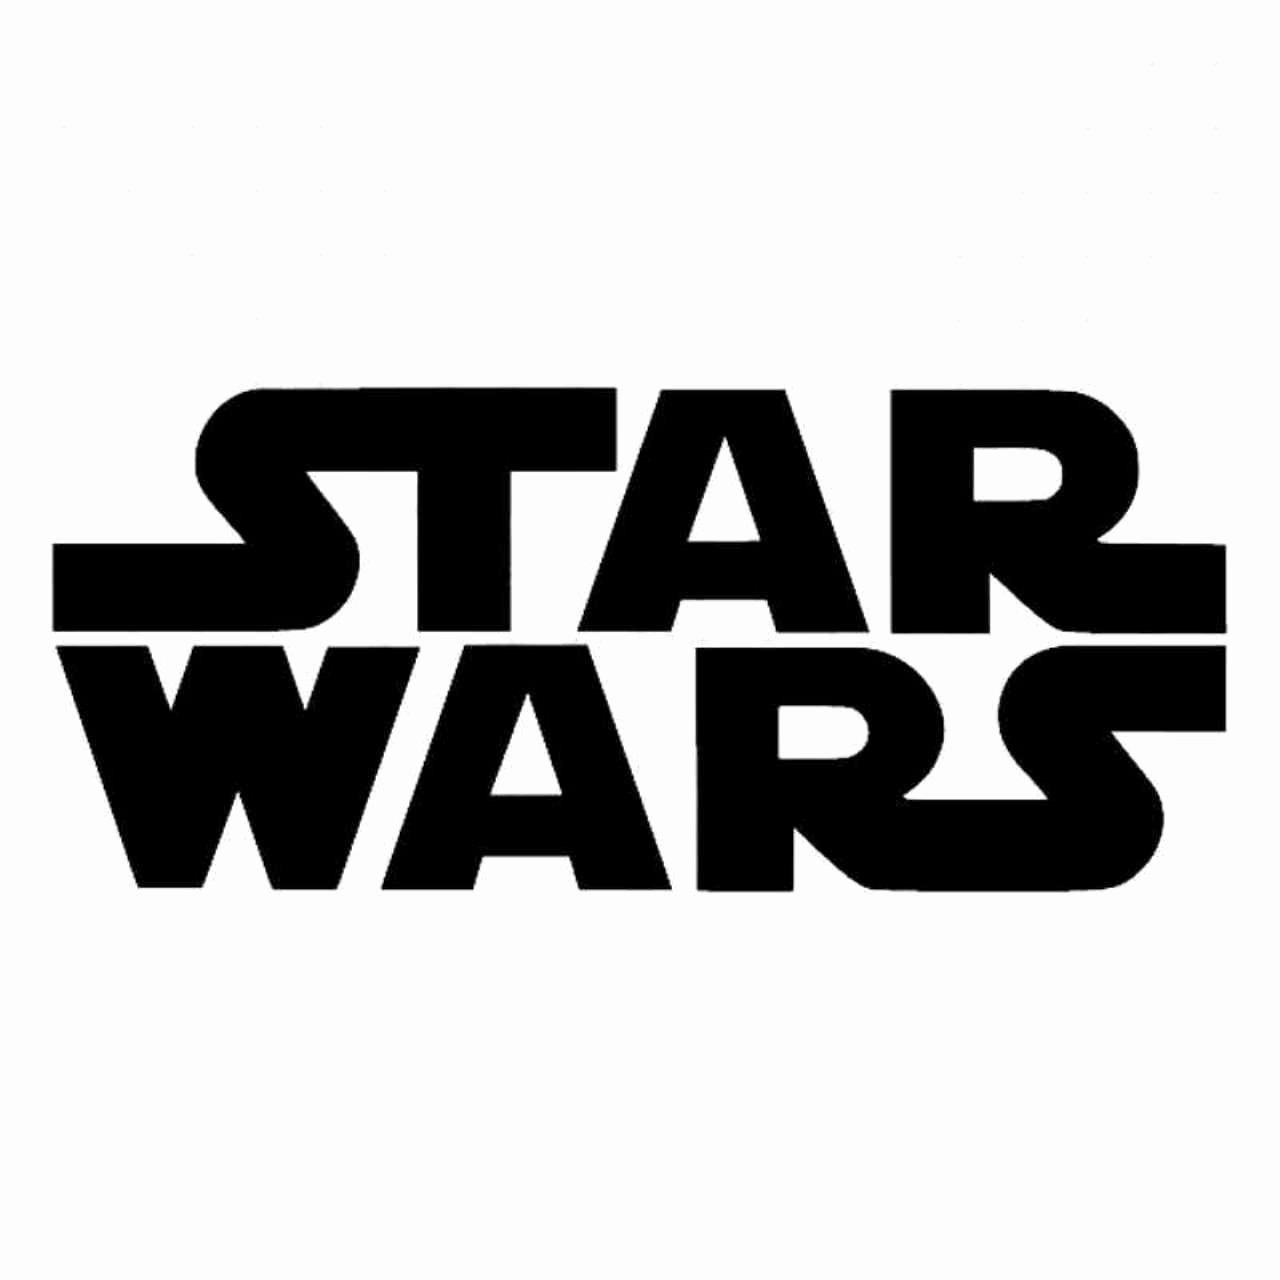 Star Wars Letter Stencils Beautiful Star Warssolid Vinyl Decal Sticker